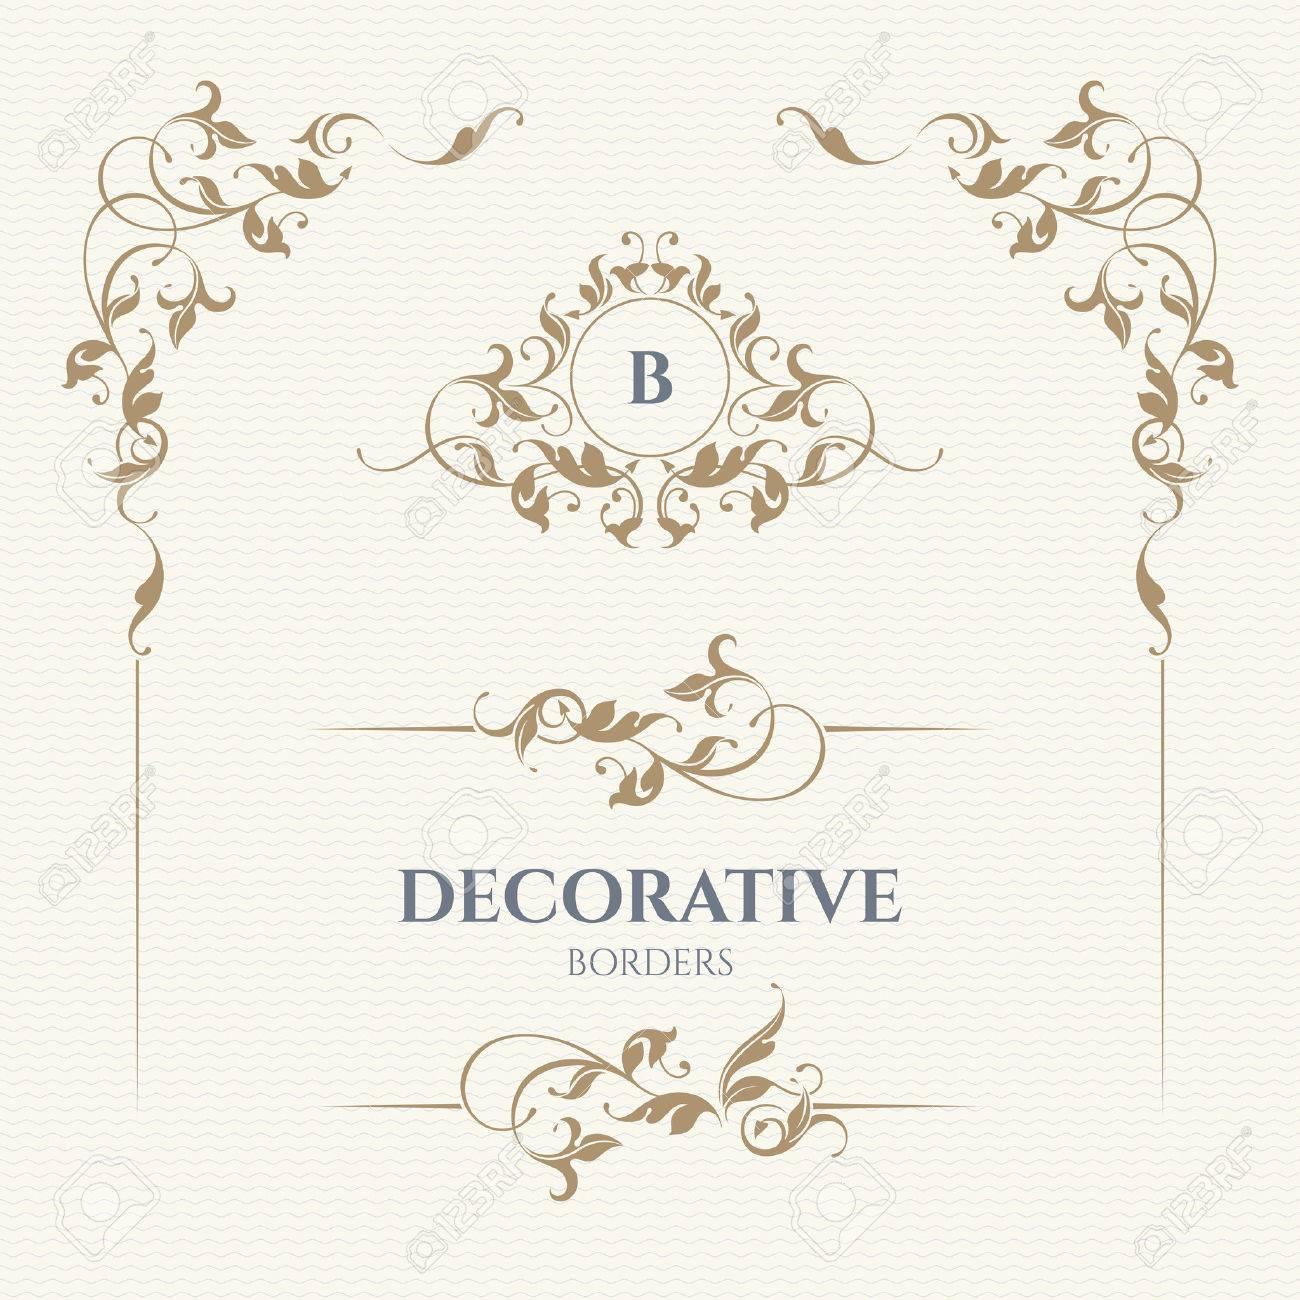 Monograma Decorativo Del Vector Y De La Frontera Para Las Tarjetas Invitaciones Menús Etiquetas Páginas De Diseño Gráfico Rótulo De